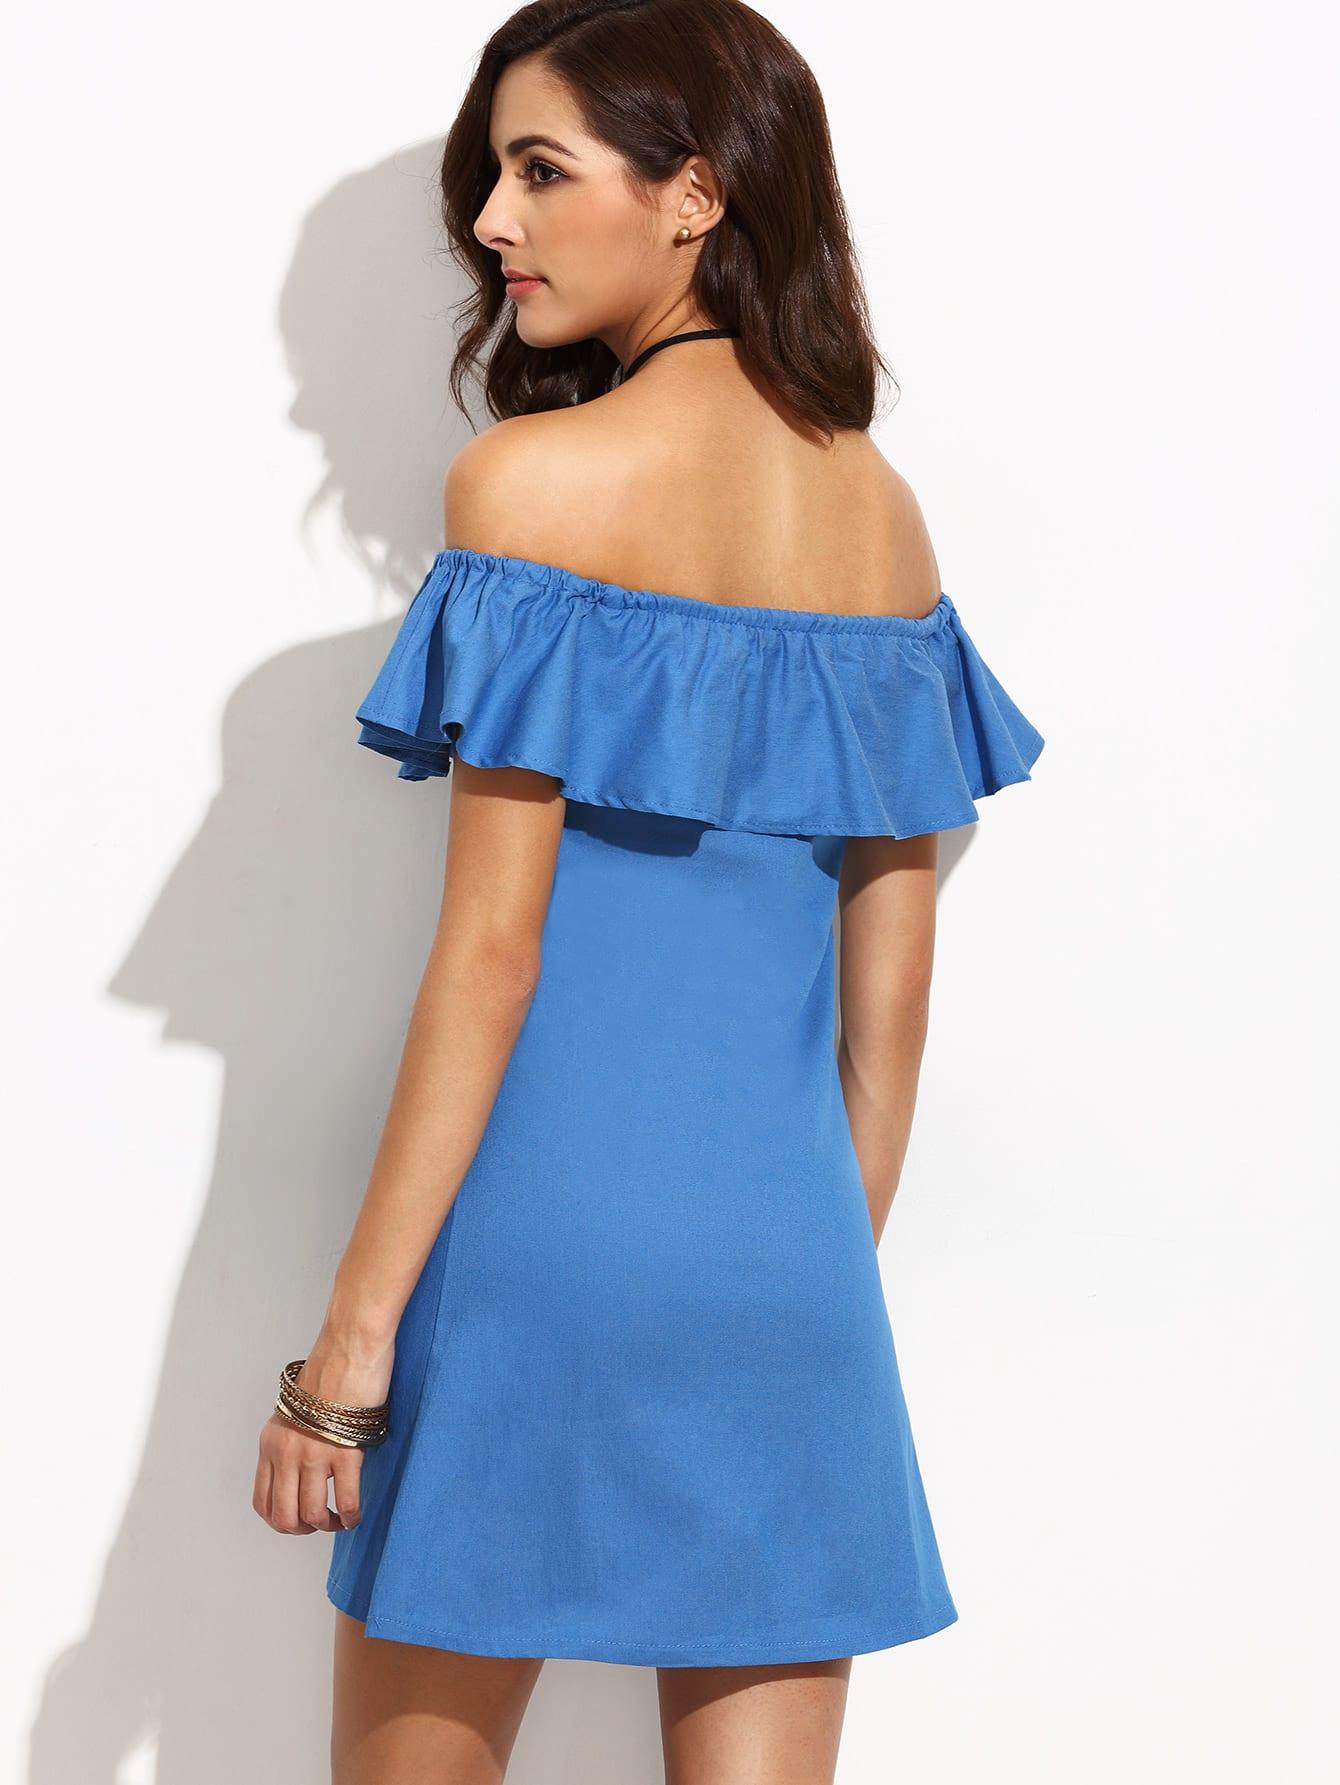 Wedding Off Shoulder Dress blue ruffle off the shoulder denim dress size reference